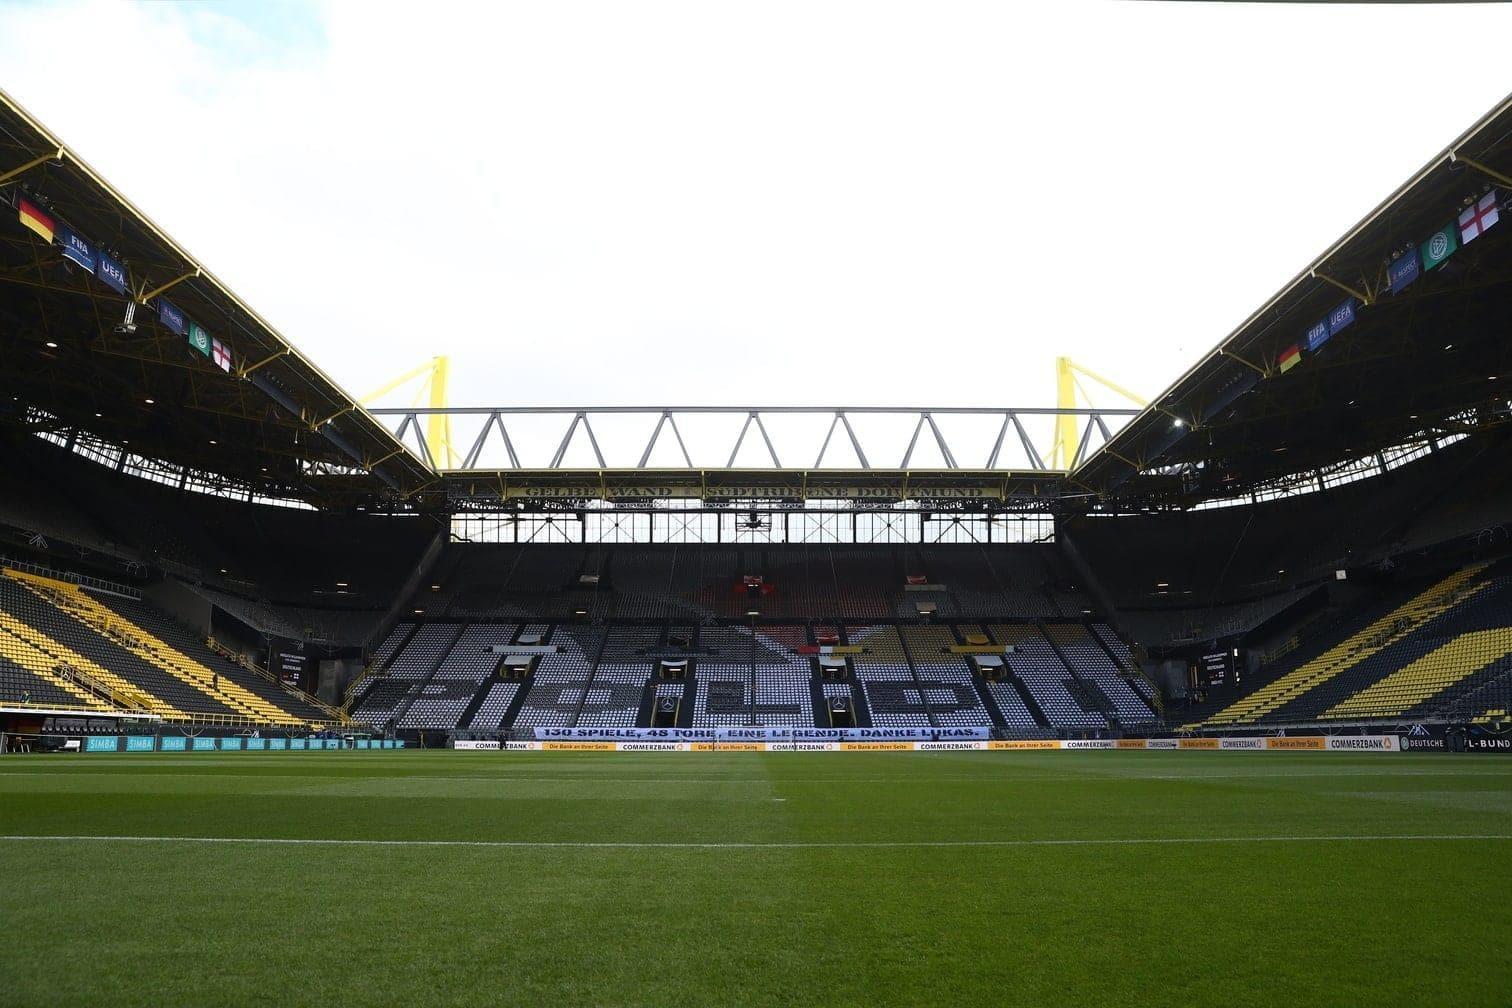 Frankfurt Stadion<br />Kapazität: 48.057 Zuschauer<br />5 Spiele</p> Foto: dpa/Arne Dedert